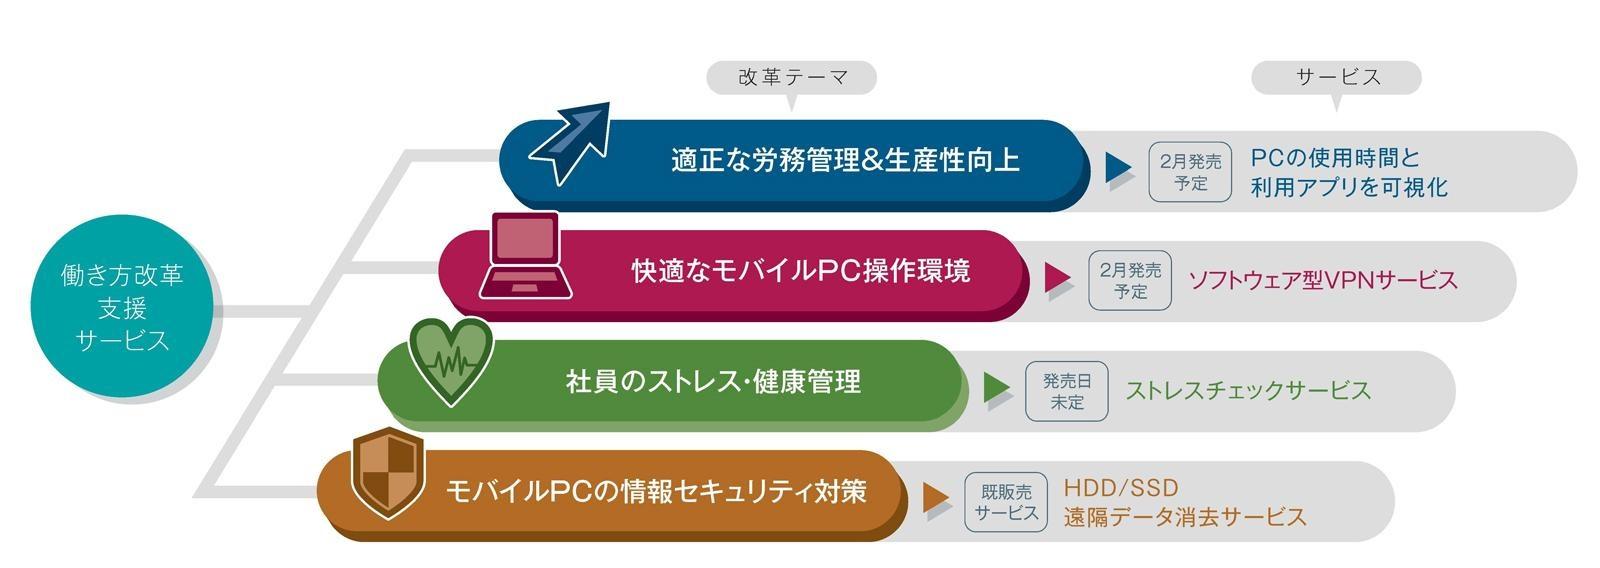 モバイルPC開発で培ってきた技術を活かして、多角的なソリューションを提供していく。